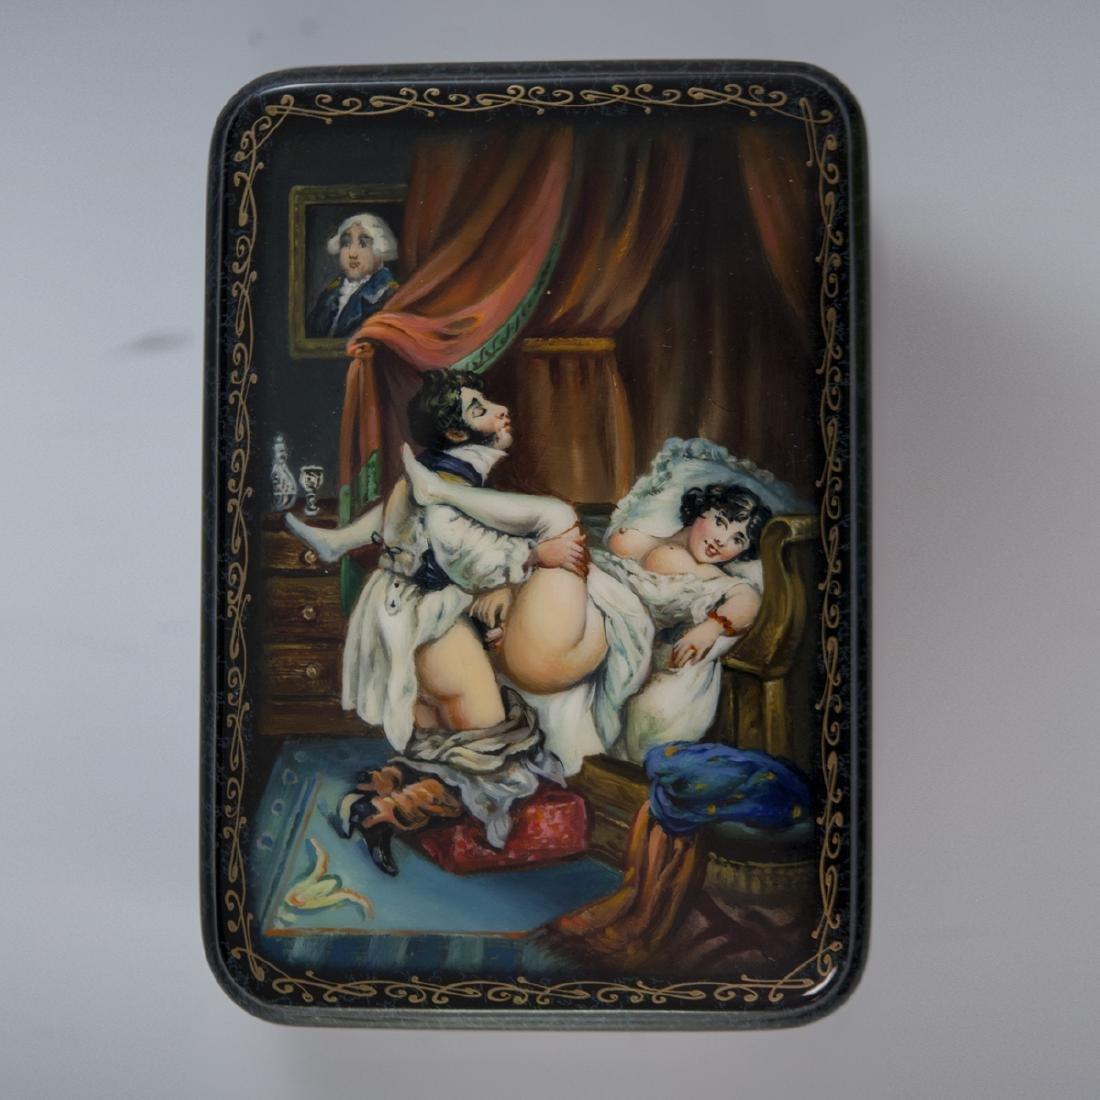 Russian Lacquered Papier Mache Erotic Box